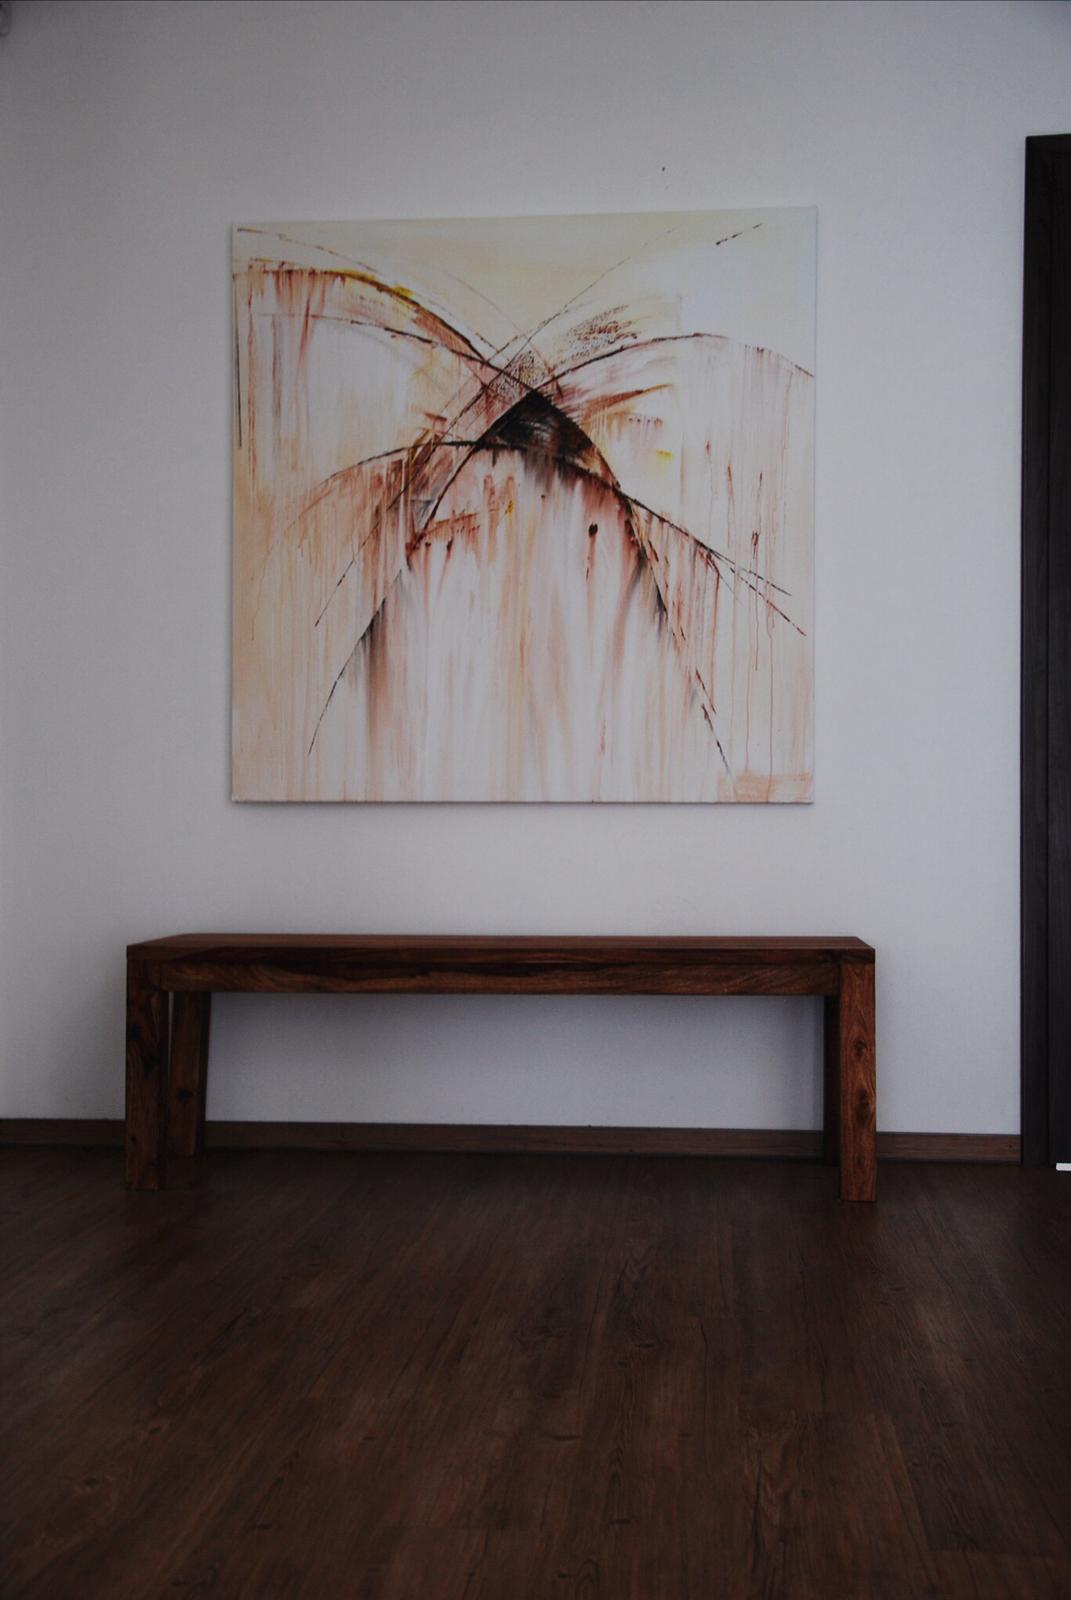 Mé obrazy v interiérech - Obrázek č. 32